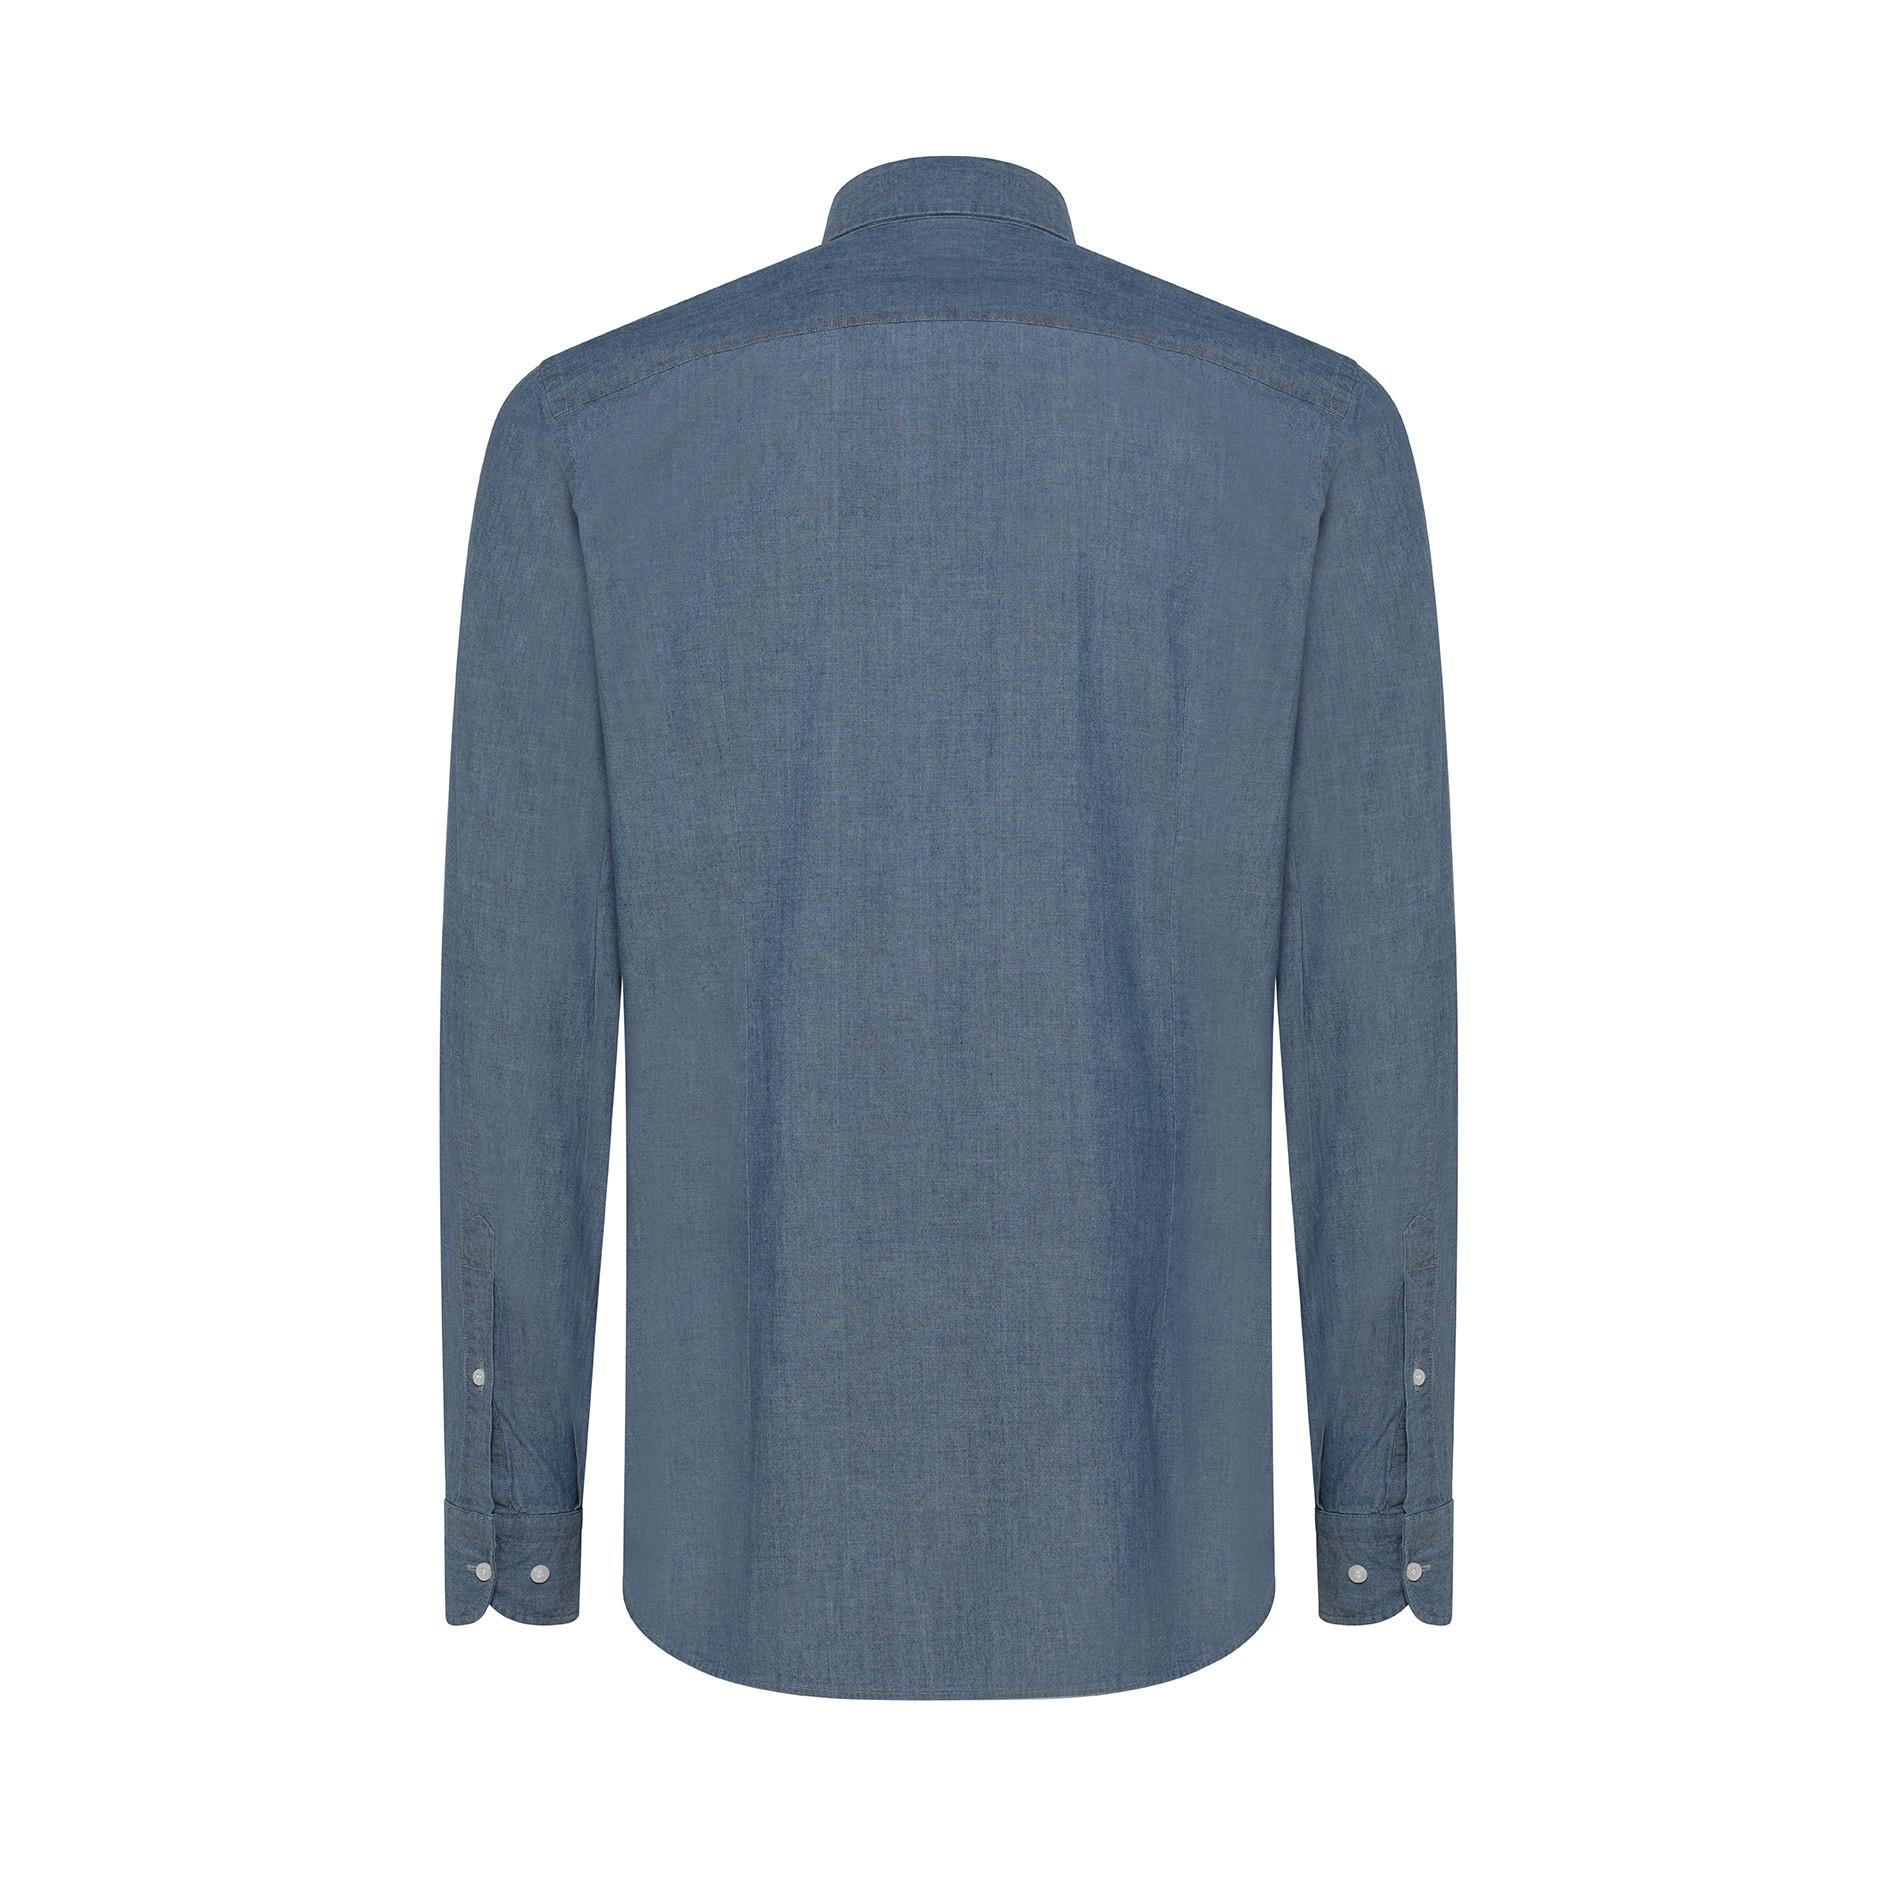 Camicia puro cotone slim fit Luca D'Altieri, Denim, large image number 1